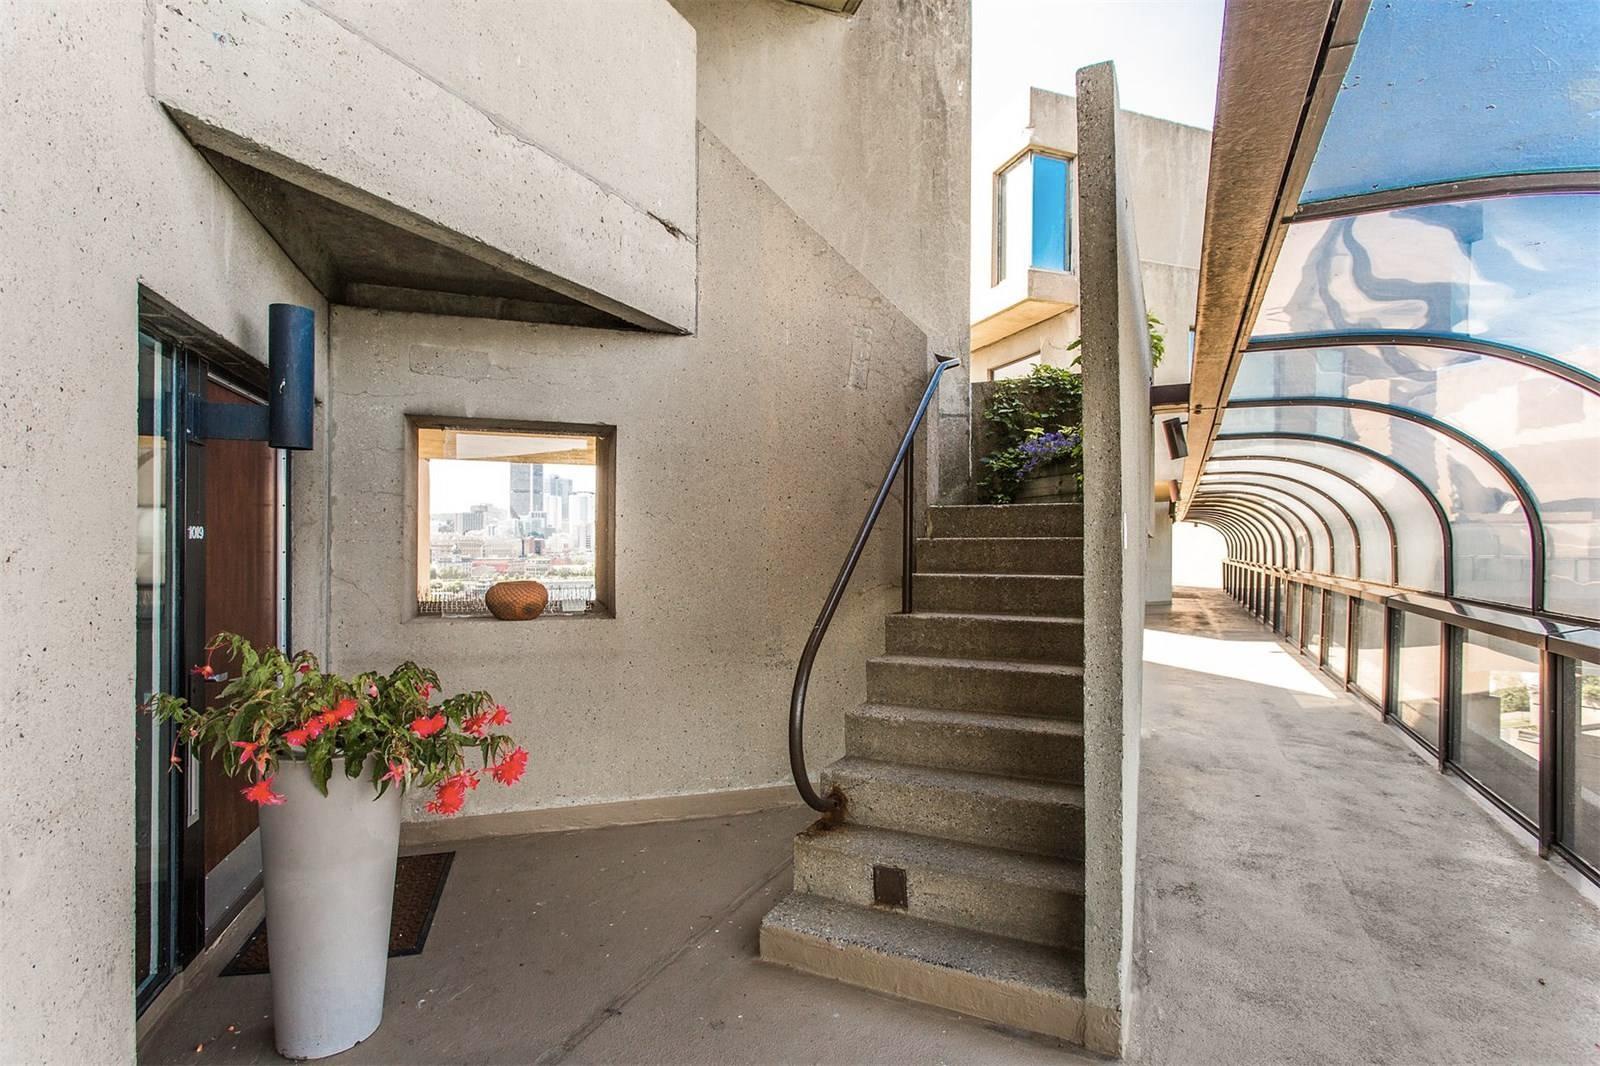 Habitat 67 penthouse apartment for sale via Sotheby's